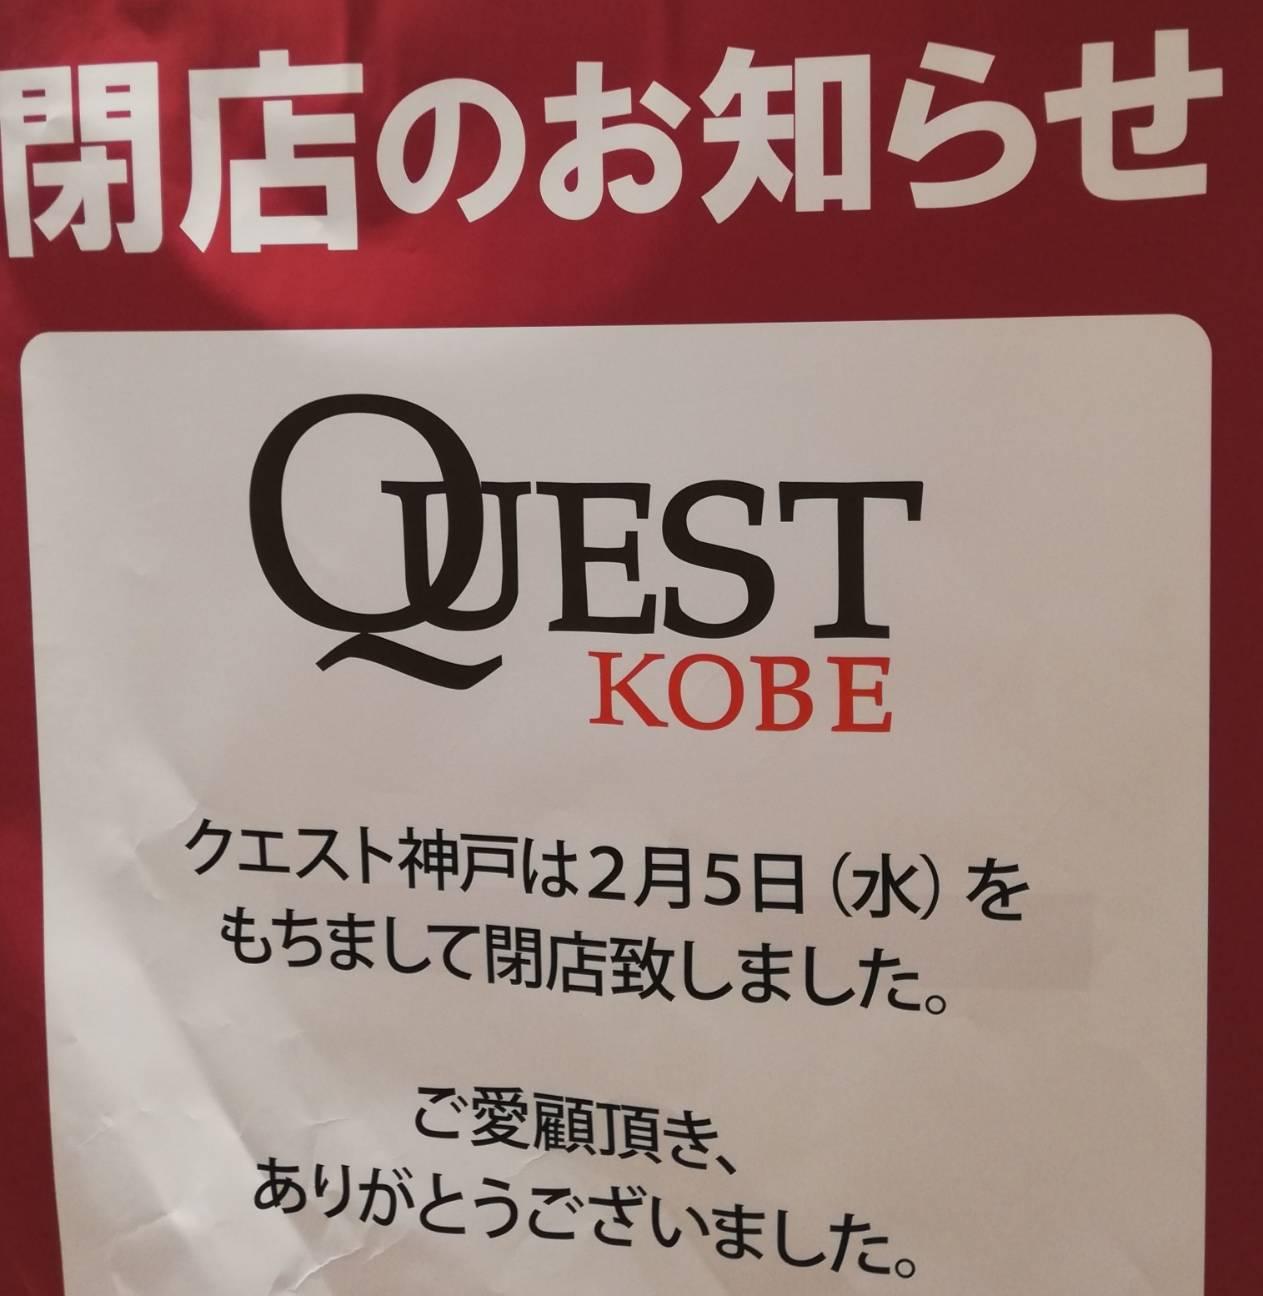 アトレ松戸クエスト神戸閉店倒産自己破産